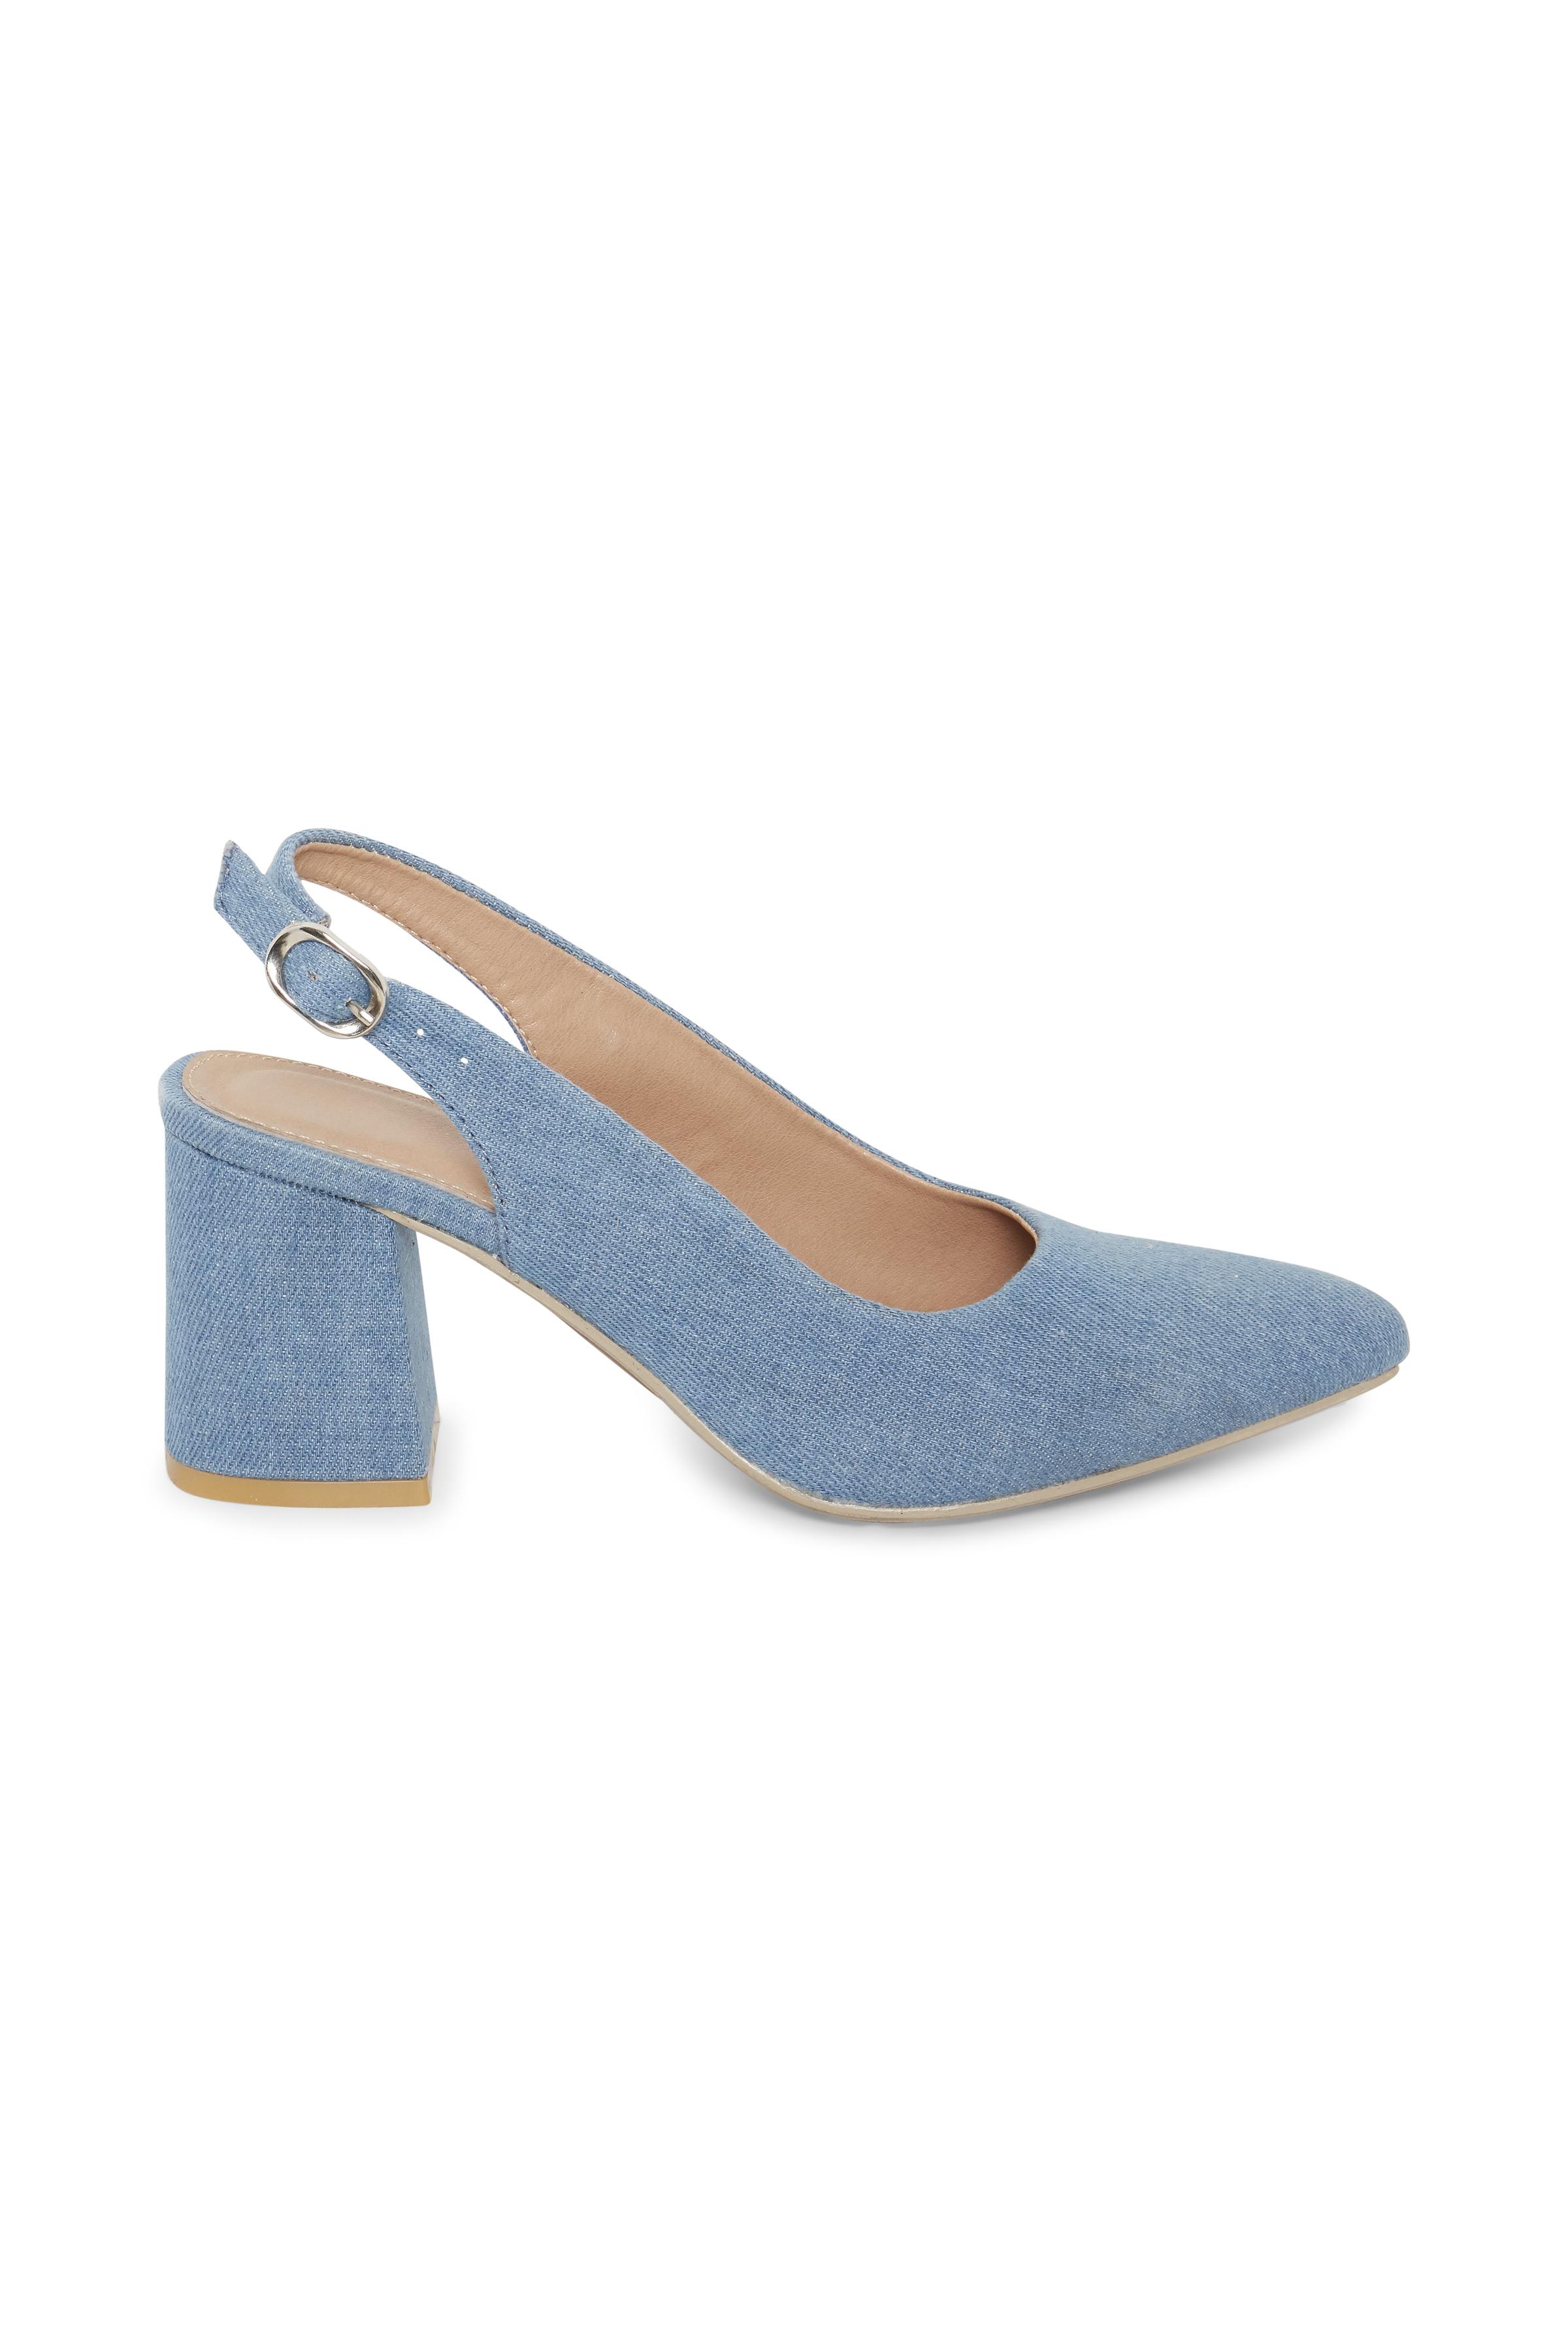 Ljusblå Skor från Ichi - accessories – Köp Ljusblå Skor från stl. 36-41 här